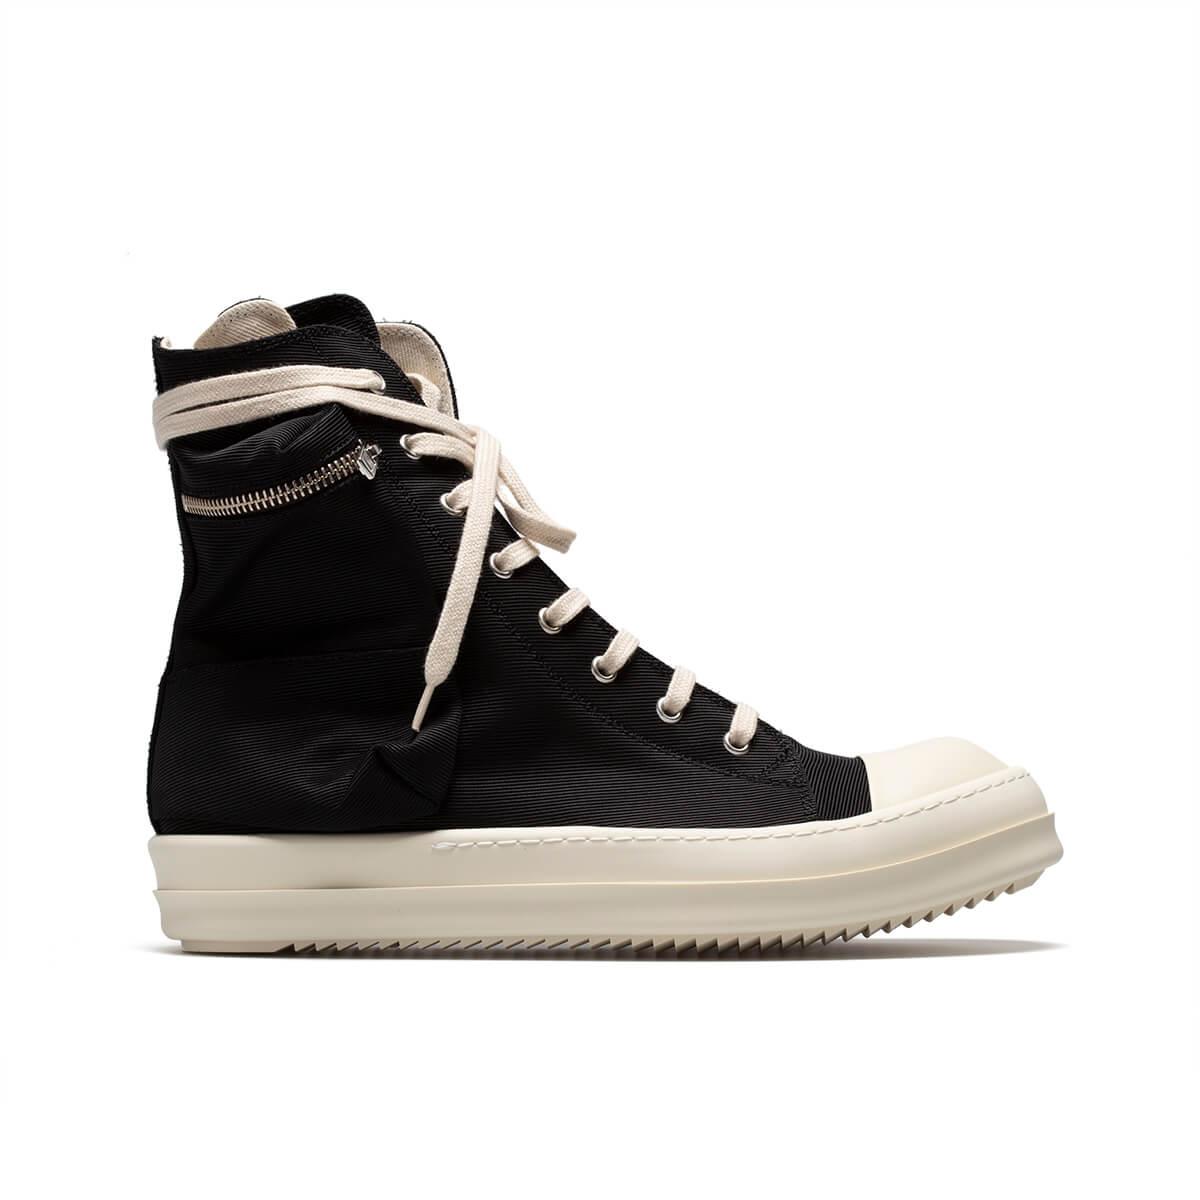 High Top Cargo Sneakers